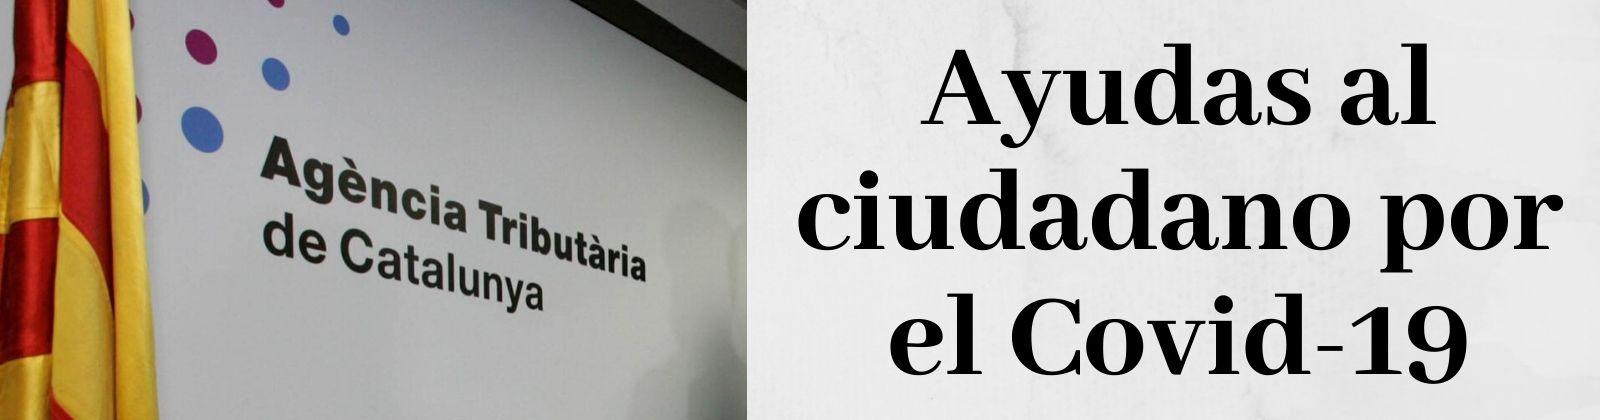 Las noticias en cataluña de la crisis del coronavirus